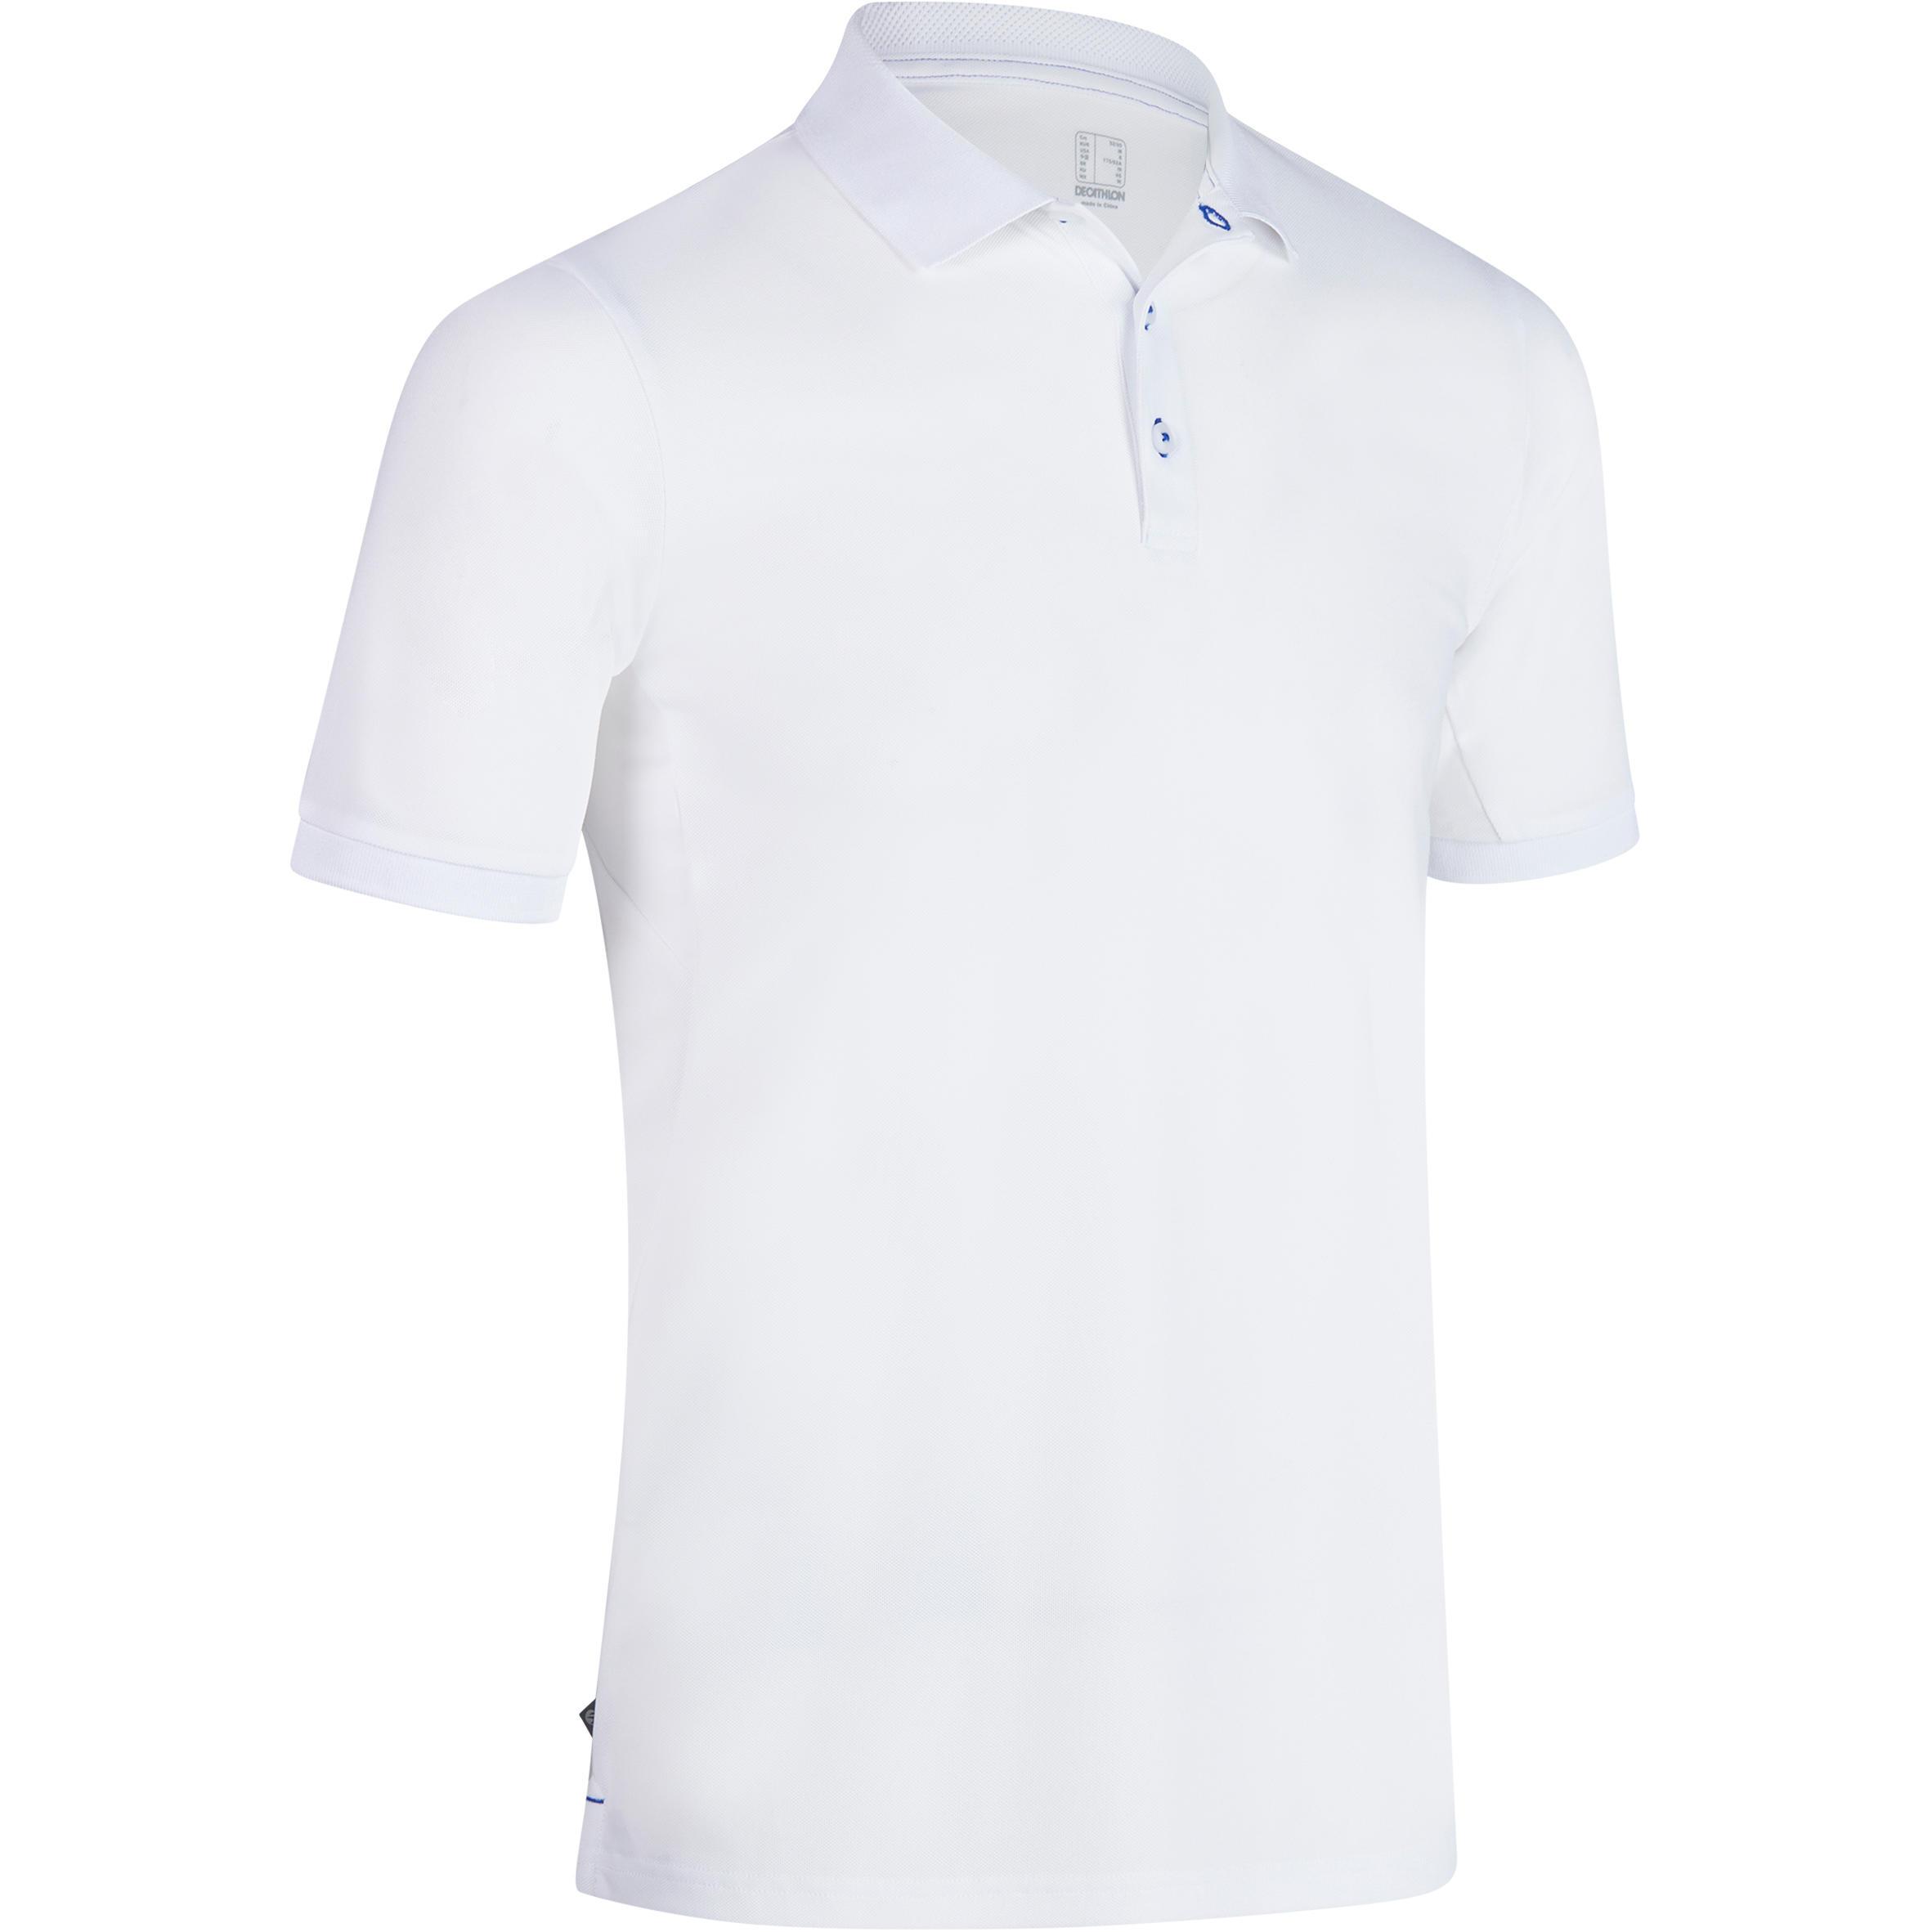 Polo de golf para hombre manga corta 900 - clima caluroso - blanco